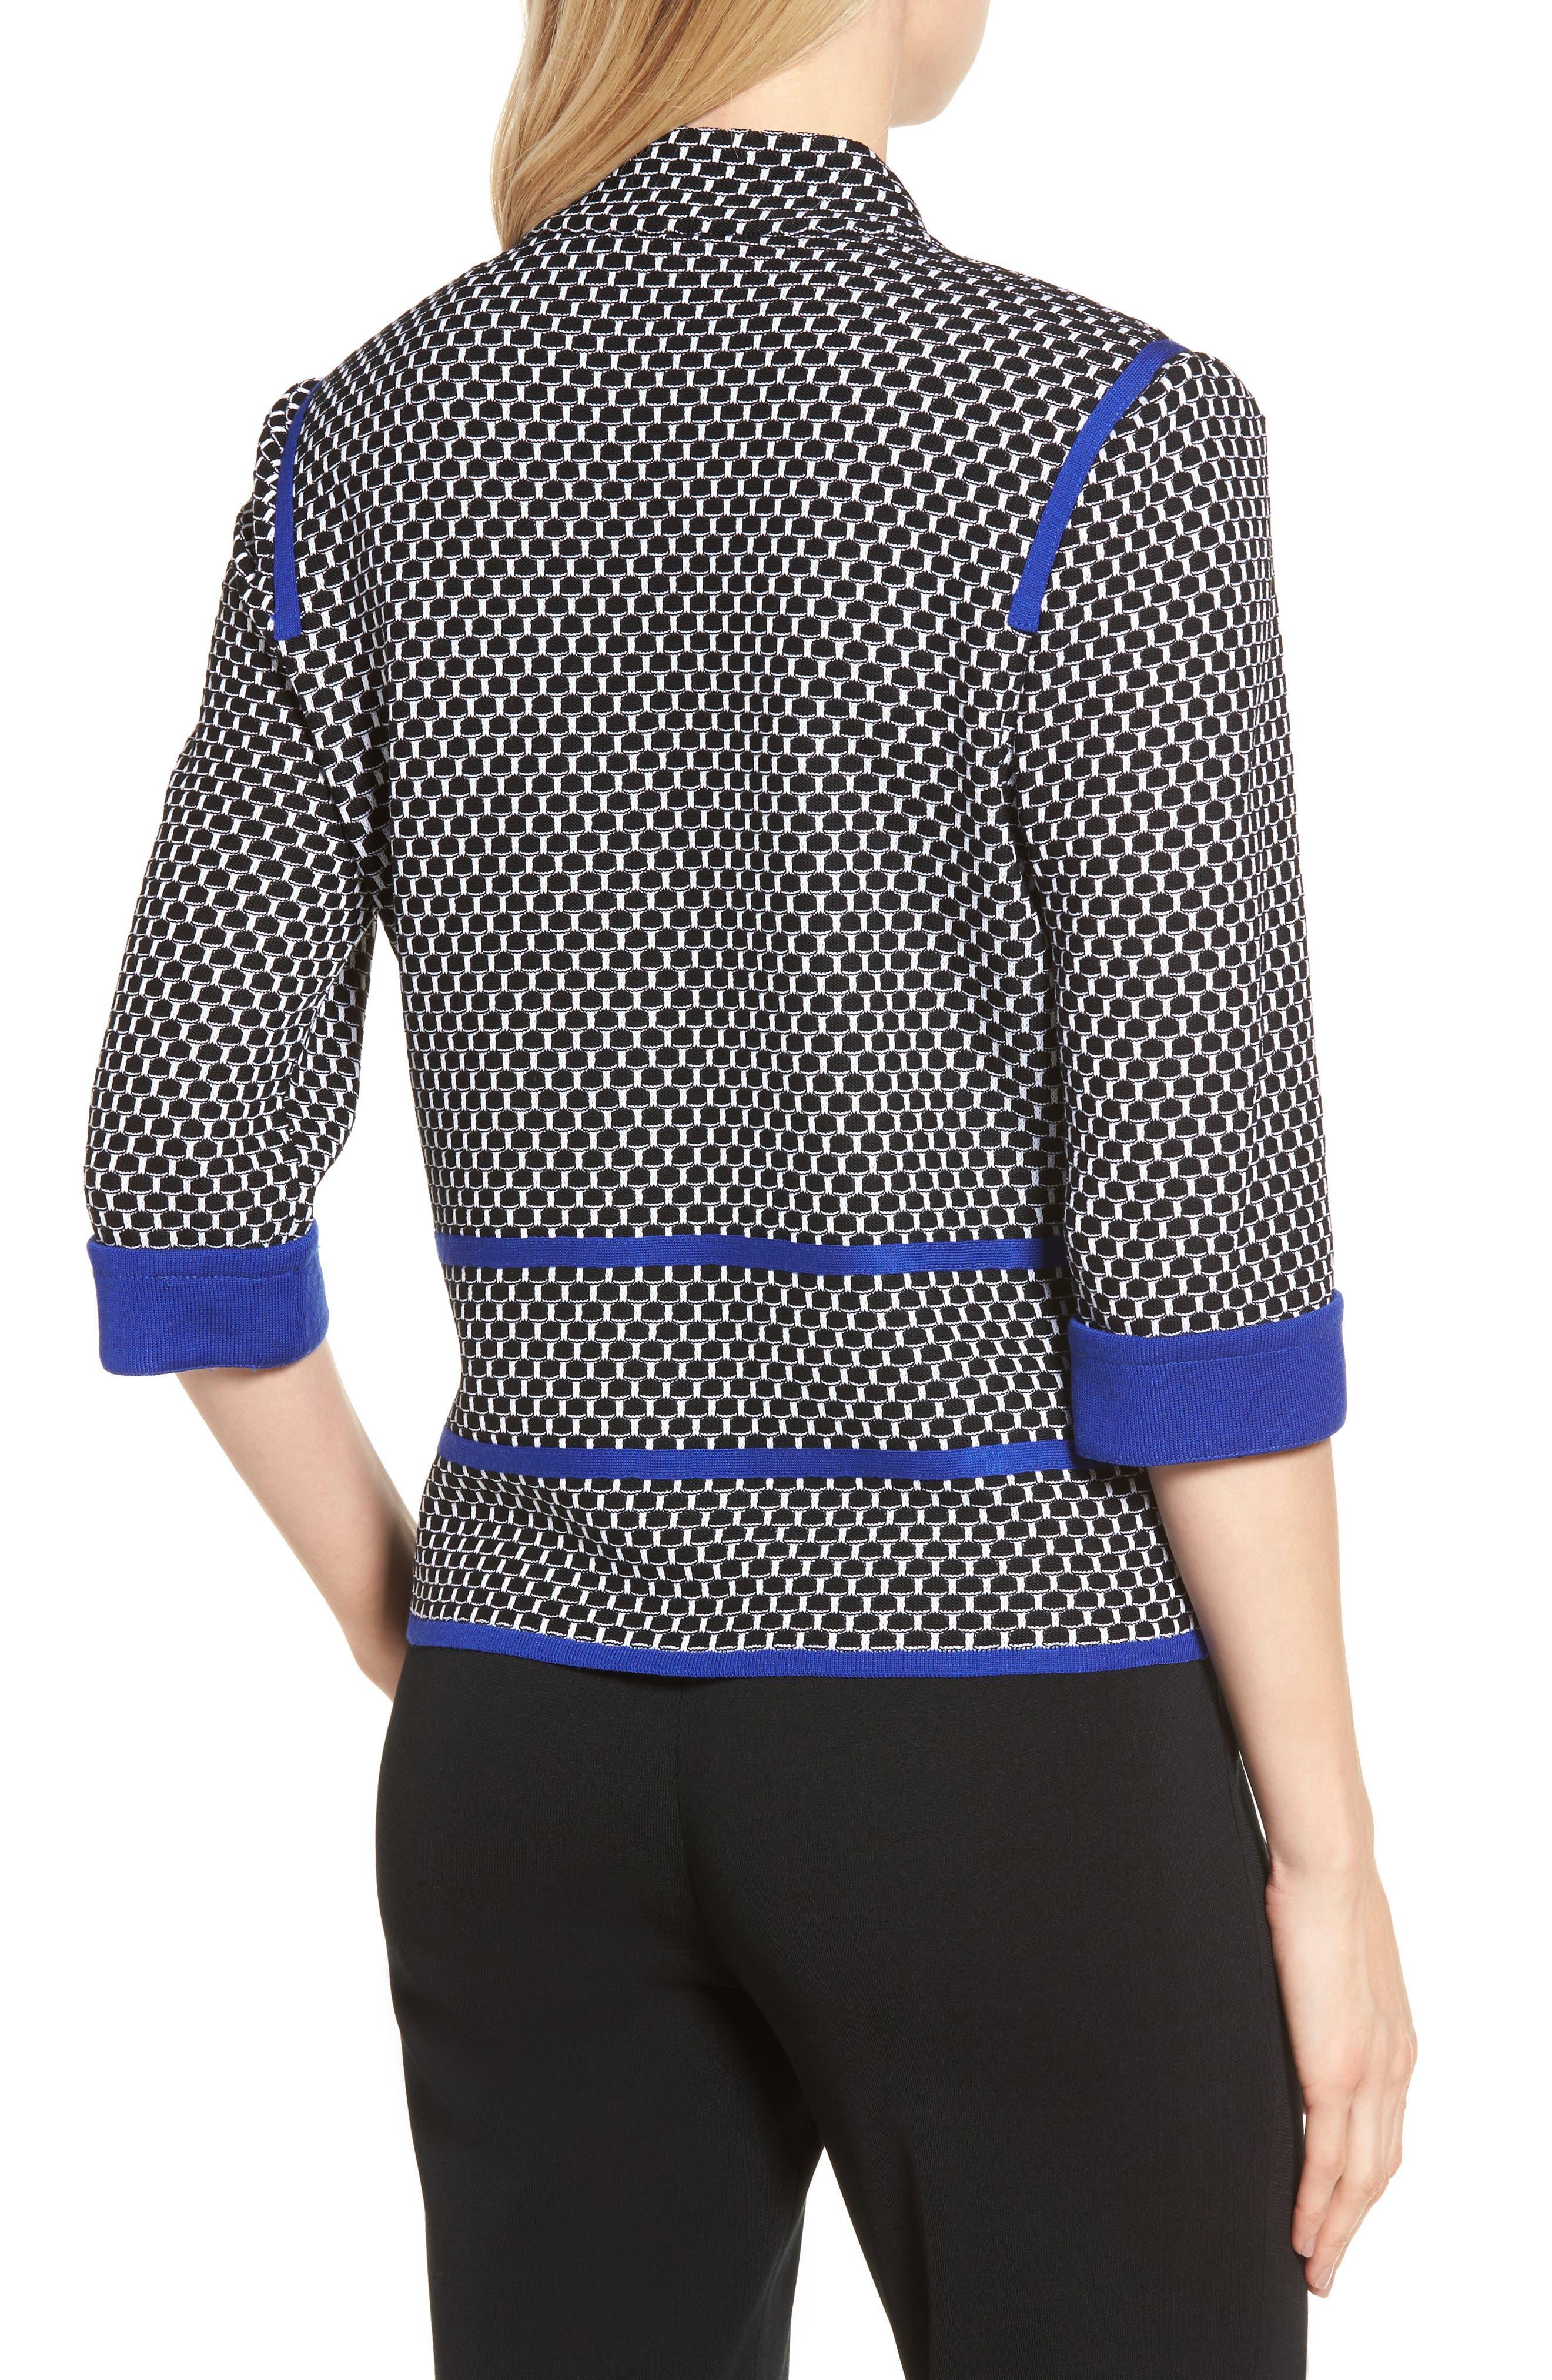 Jacquard Knit Jacket,                             Alternate thumbnail 2, color,                             407